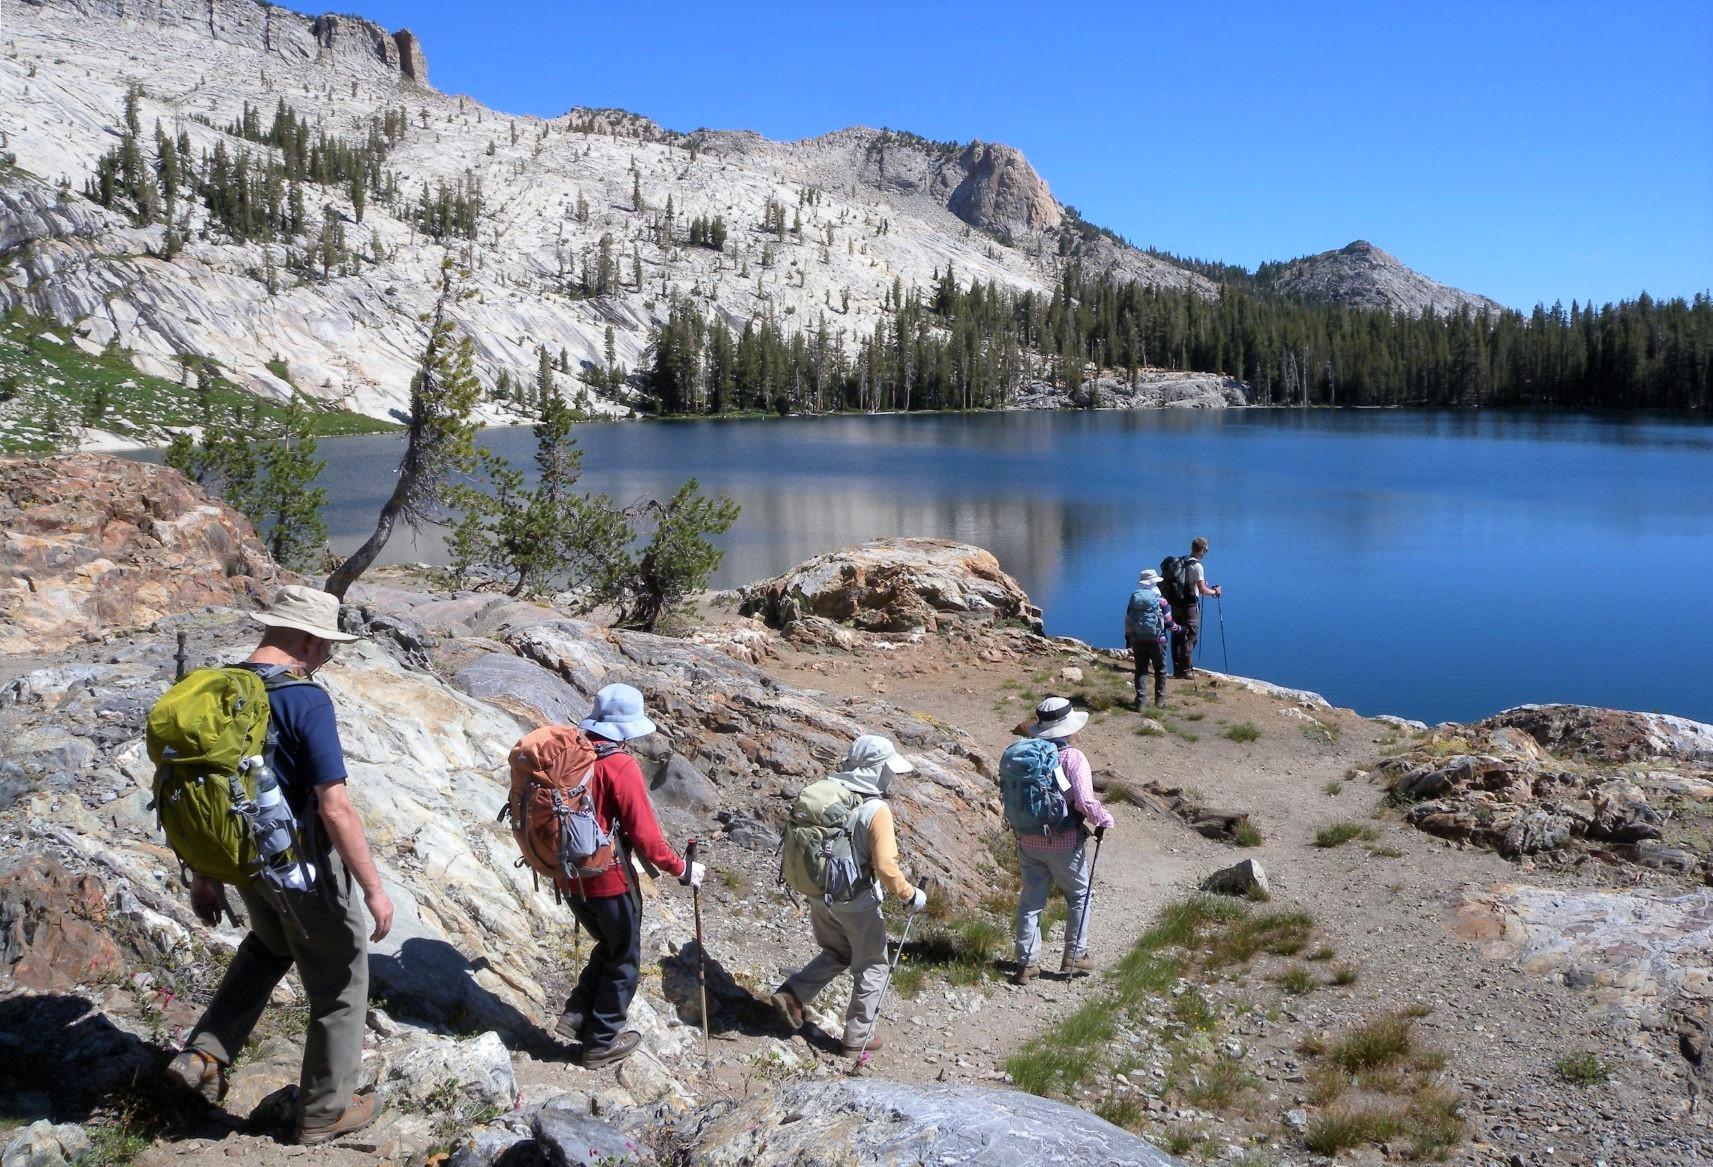 美しい山上の湖をめぐり変化に富んだトレイルを歩く